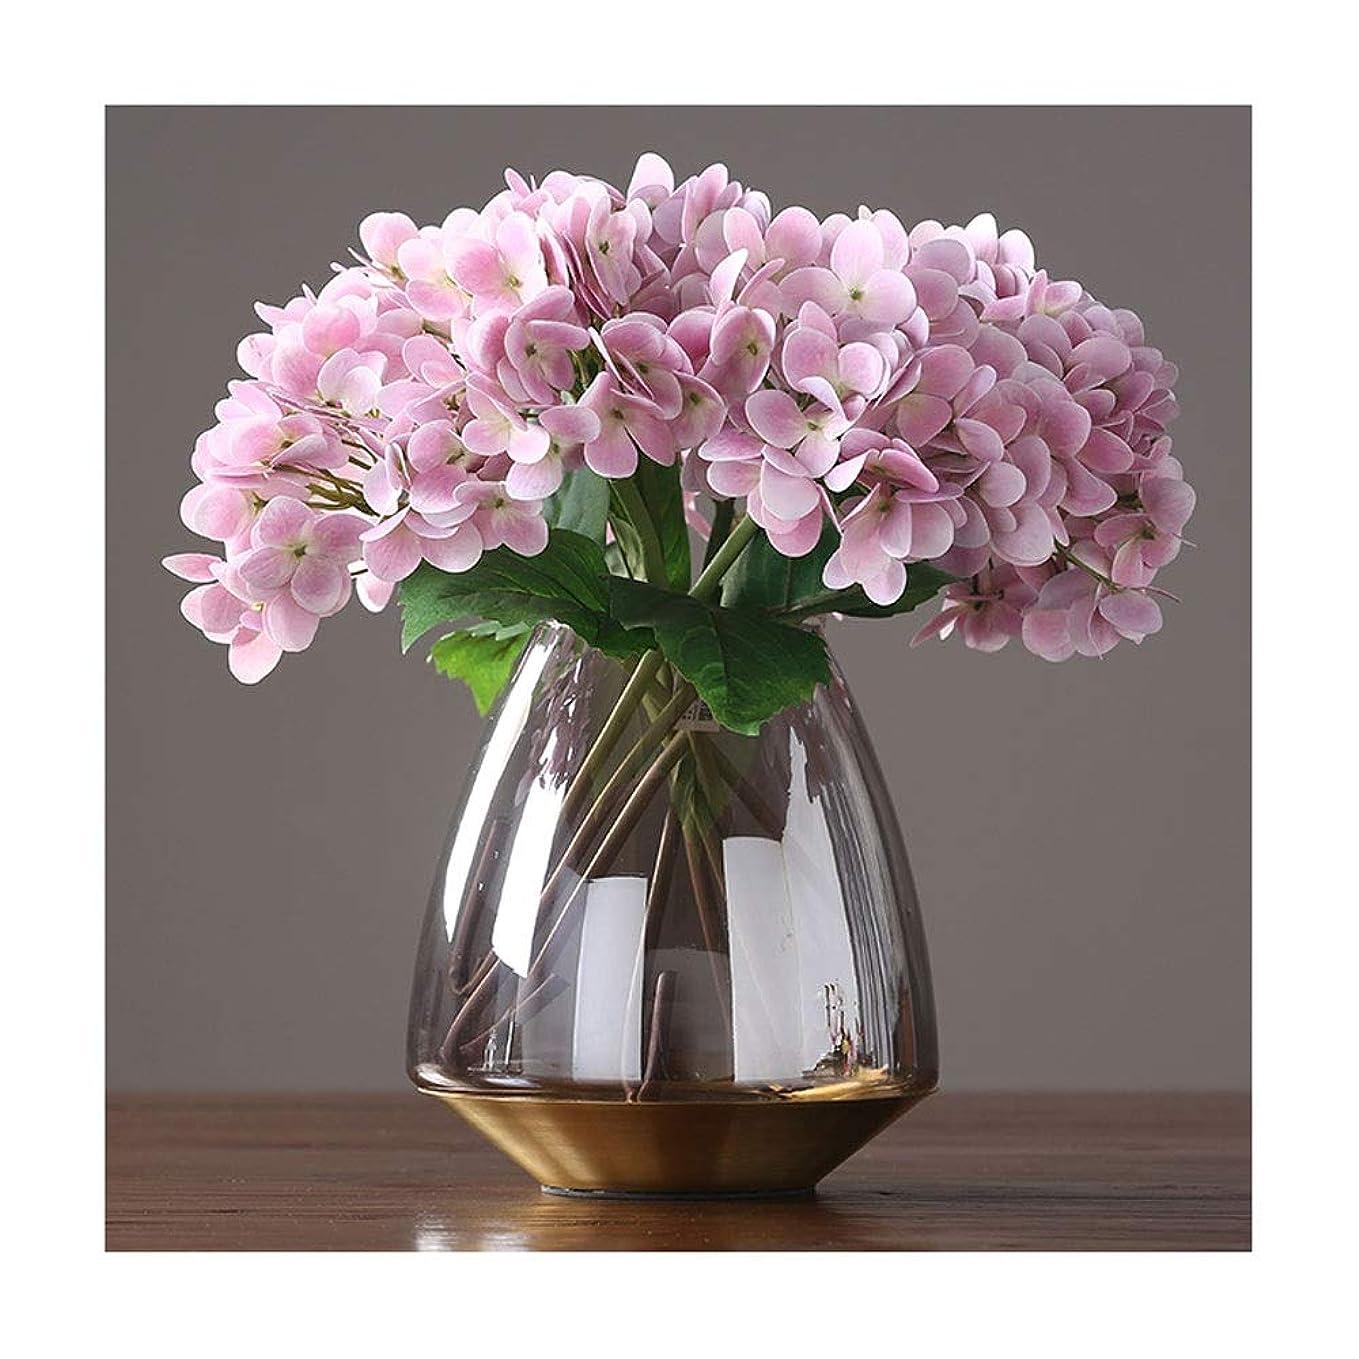 どこにも土器かろうじて現代のミニマリストの透明な光ラグジュアリーガラスの花瓶、デコレーションクリエイティブホームレストラン浄水場の花 (Size : B)